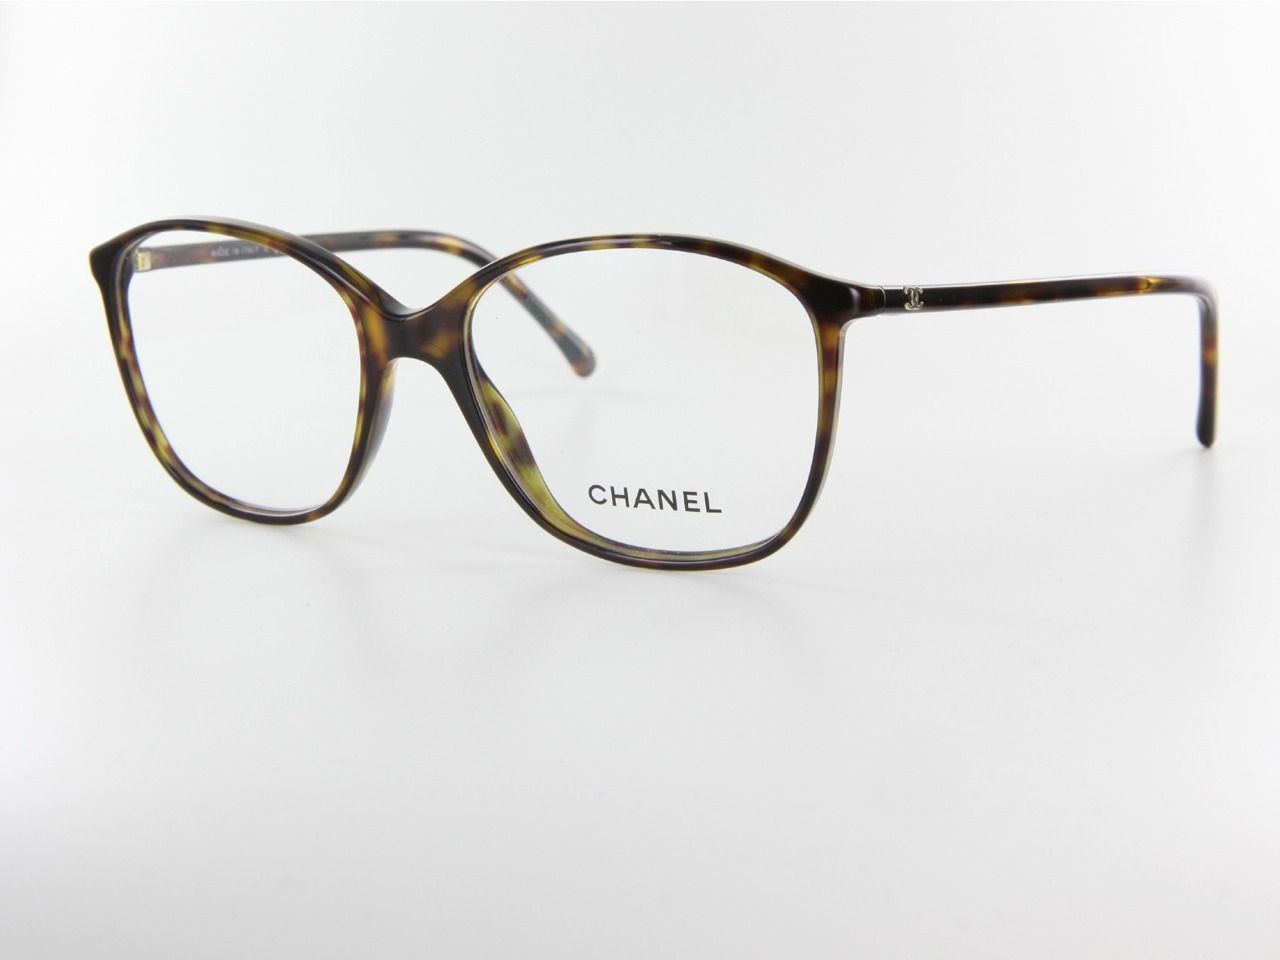 Glasses Frames Chanel : Chanel brillen, Chanel monturen, Chanel eyewear, Gent ...